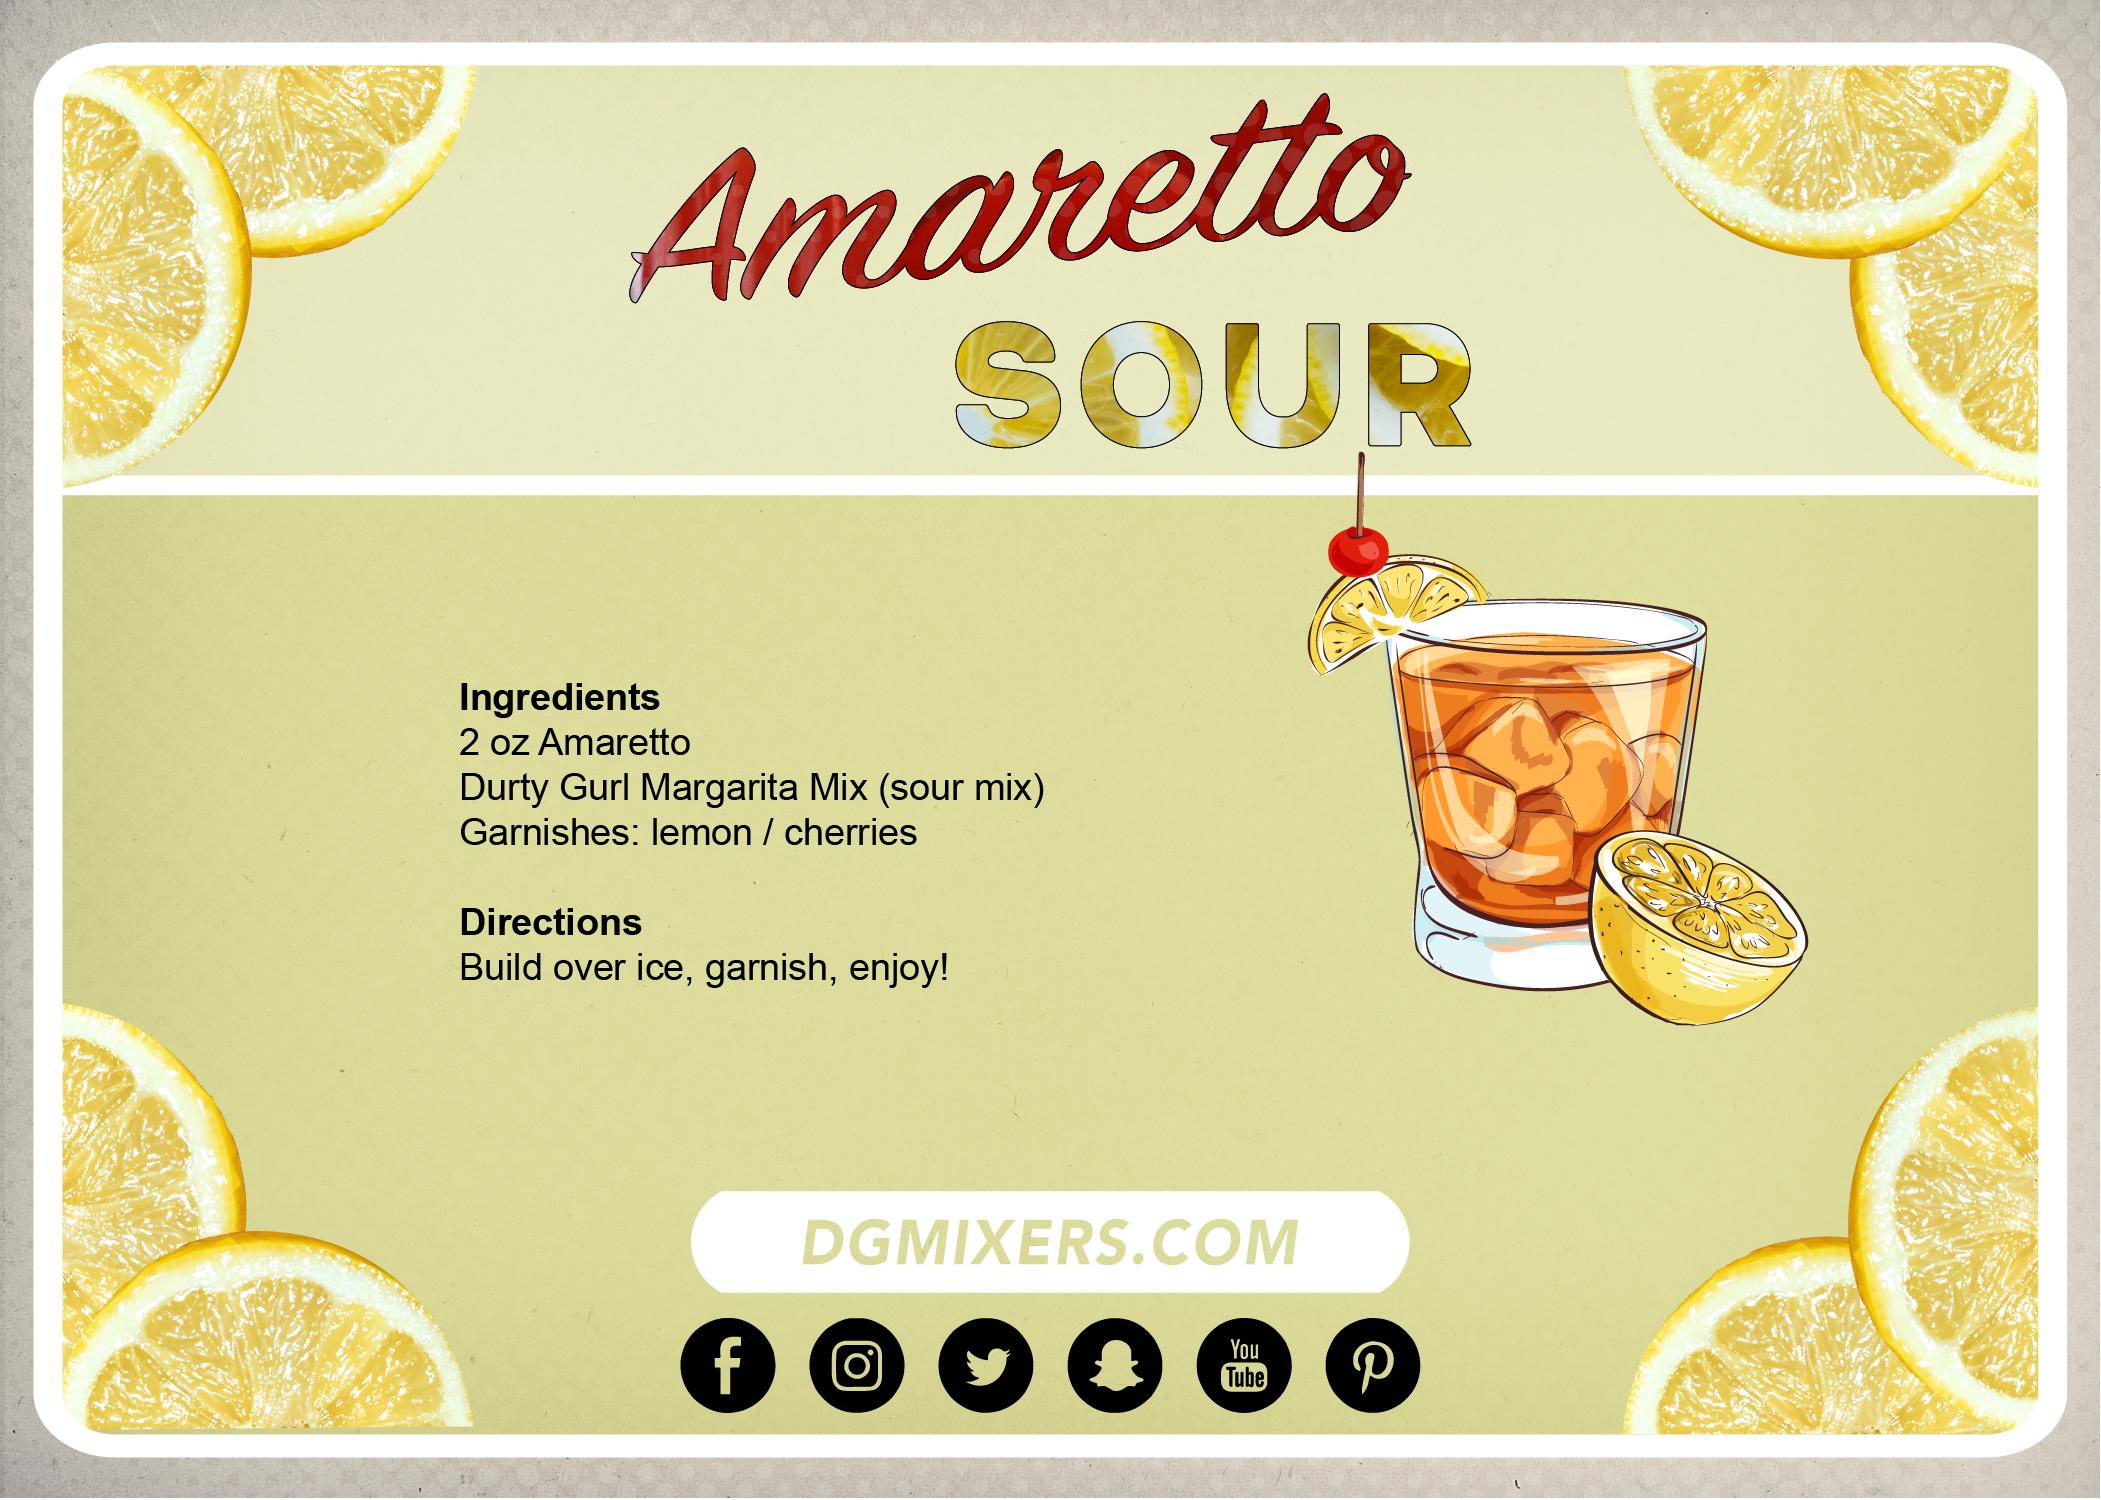 AmarettoSourRecipe-02.png